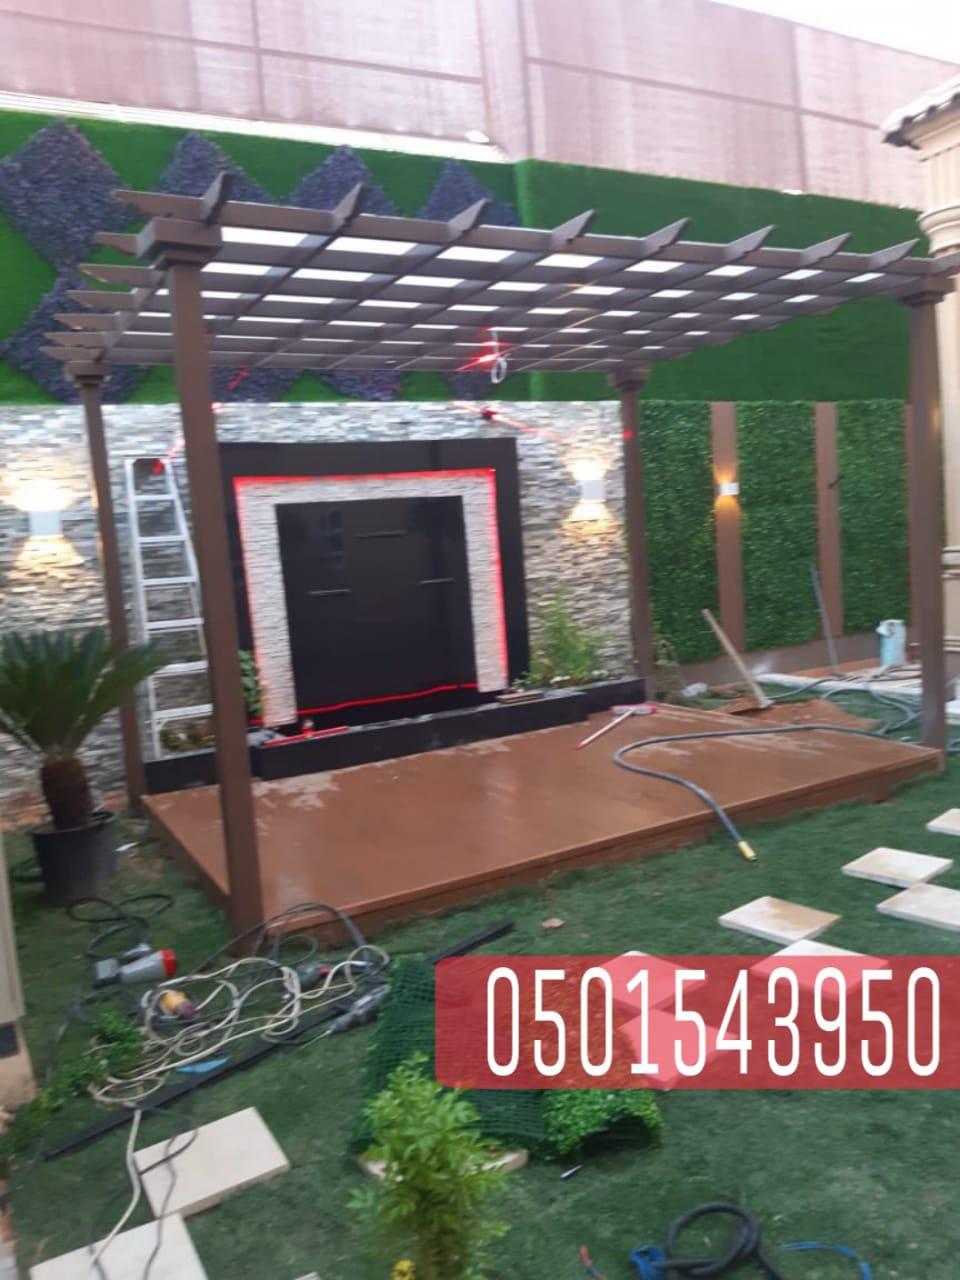 تصميم برجولات وتنسيق حدائق في مكة و جدة , 0501543950 P_2078cierd10